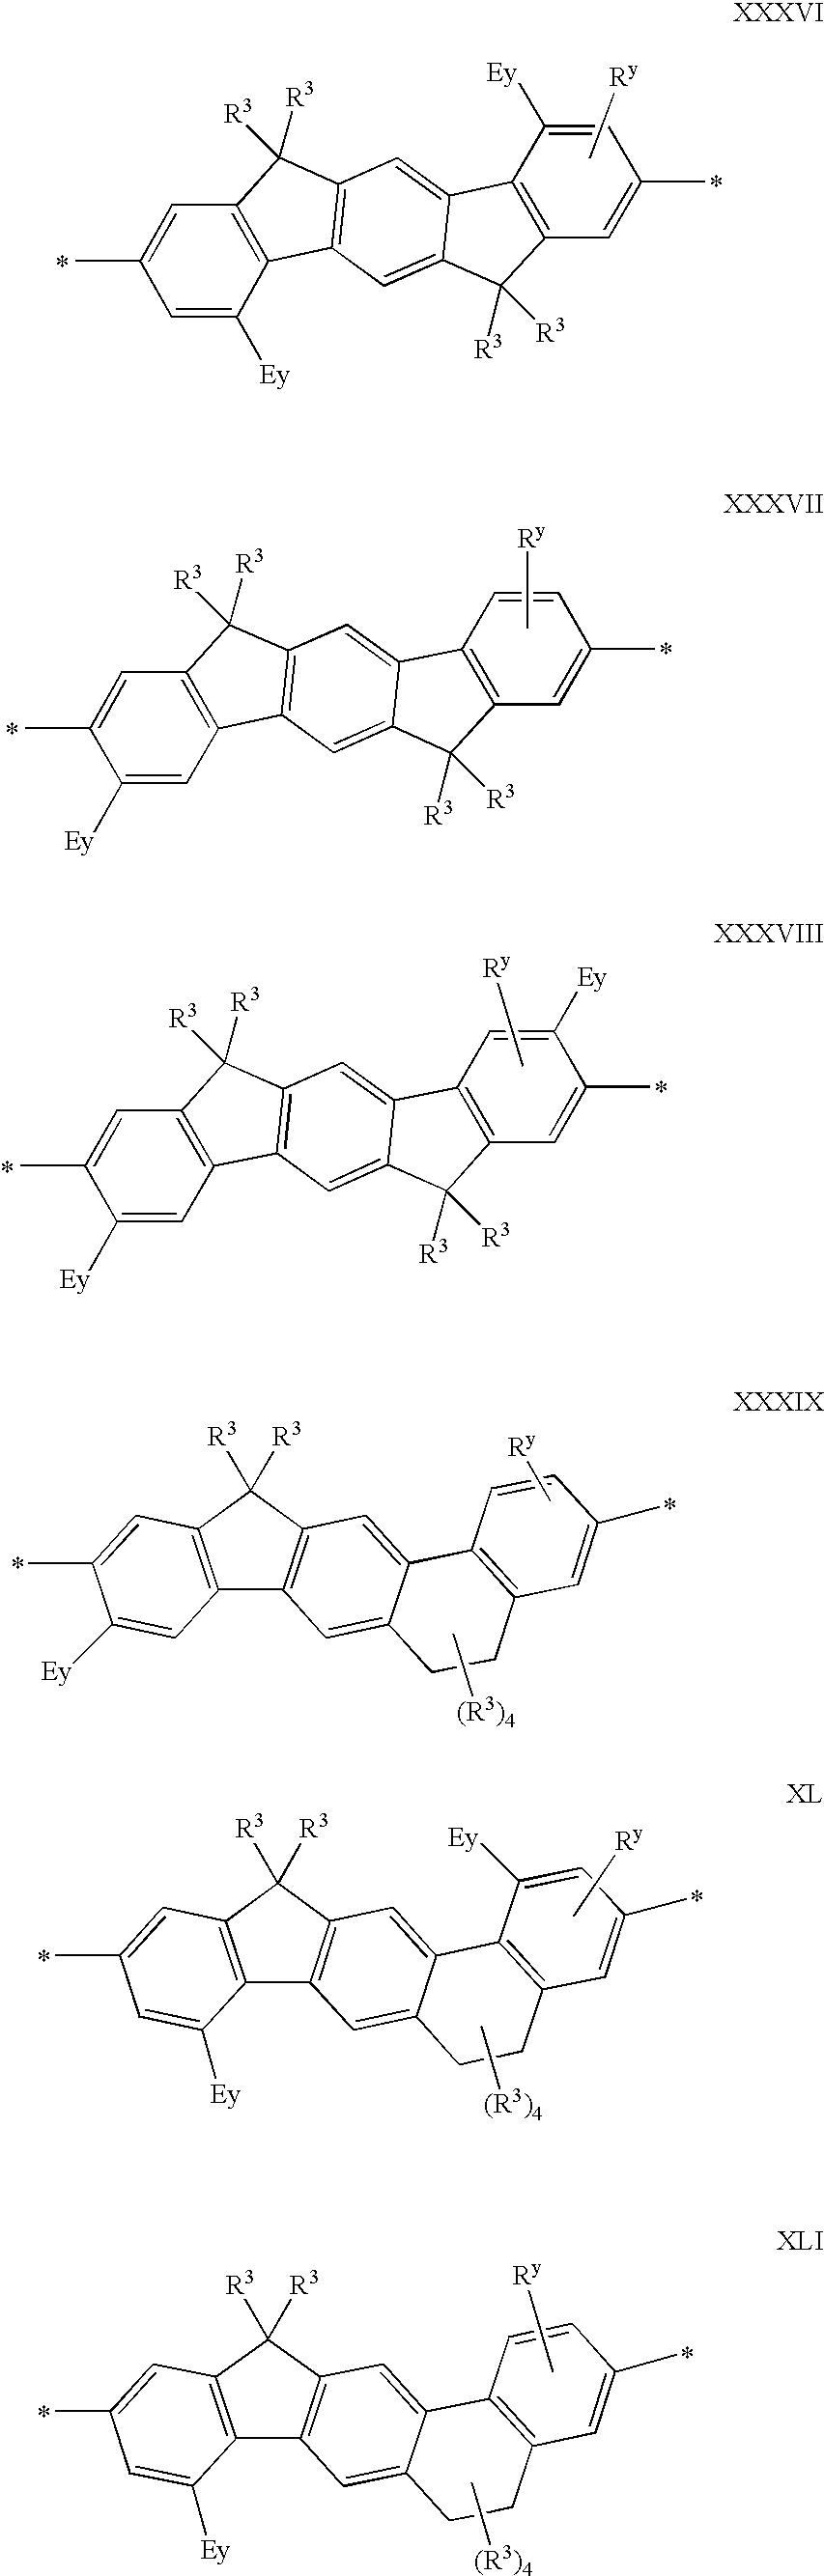 Figure US20040062930A1-20040401-C00108